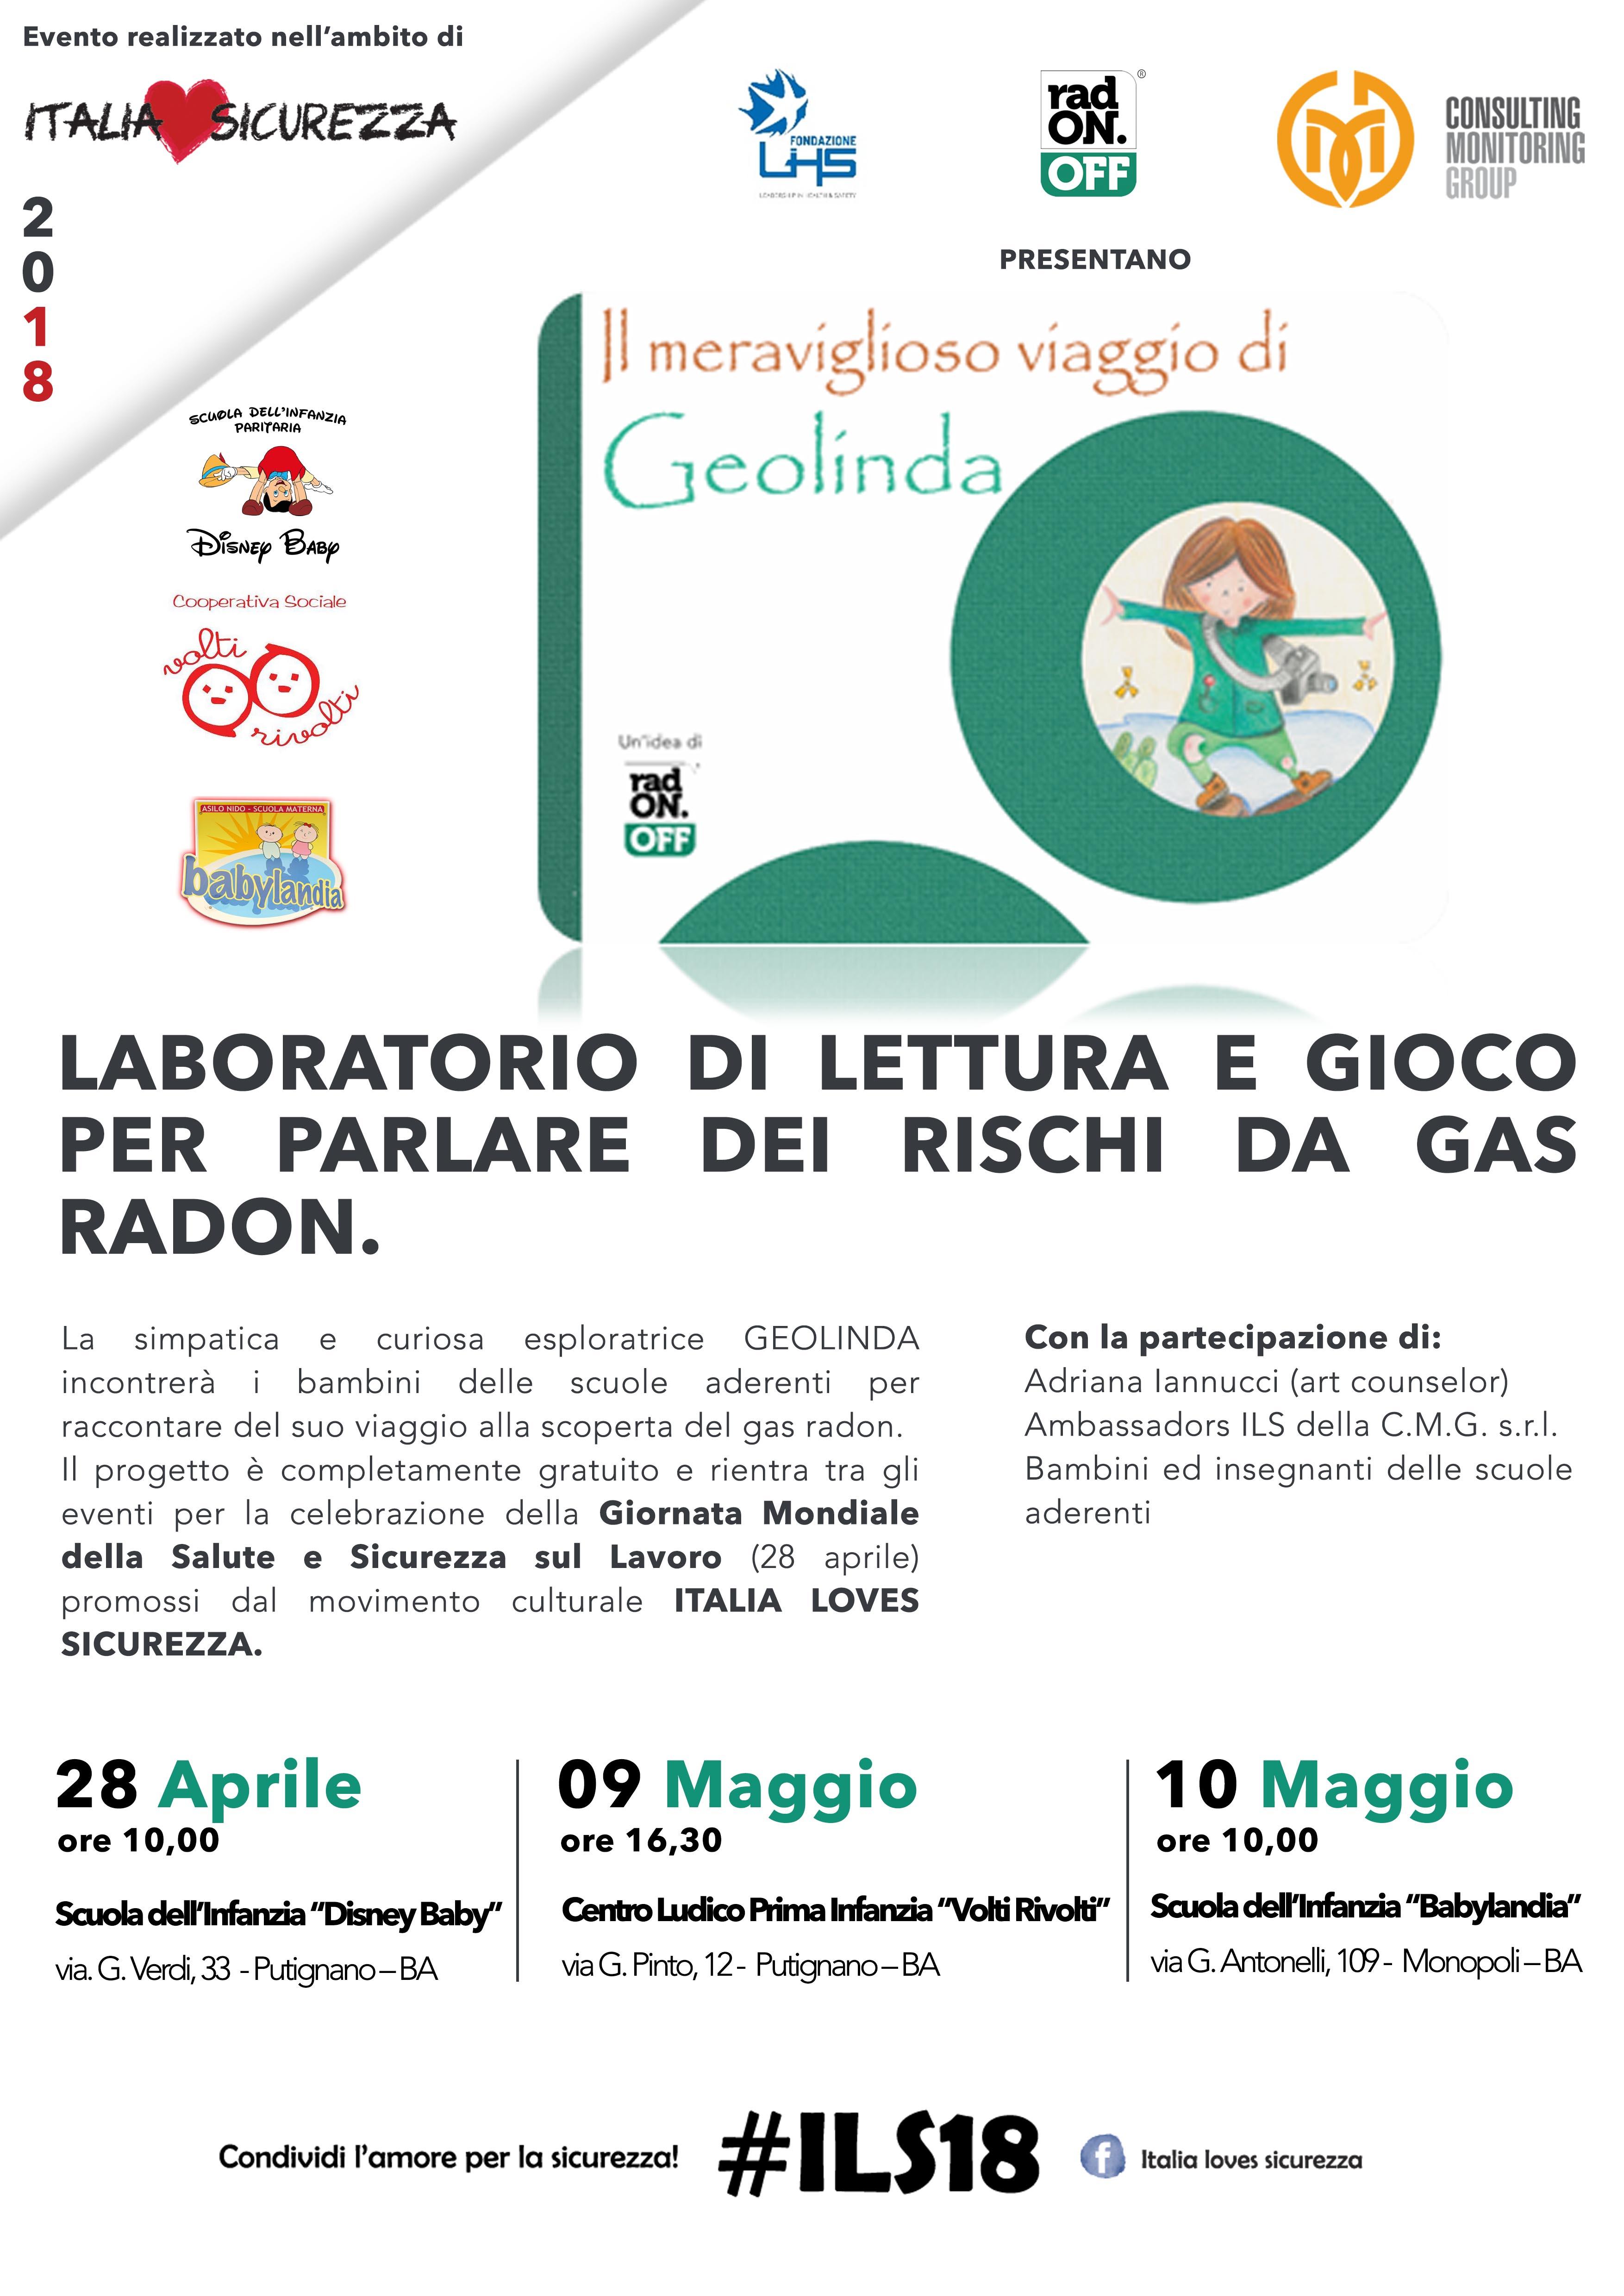 https://www.fondlhs.org/wp-content/uploads/2018/04/IL-MERAVIGLIOSO-VIAGGIO-DI-GEOLINDA_LOCANDINA.jpg